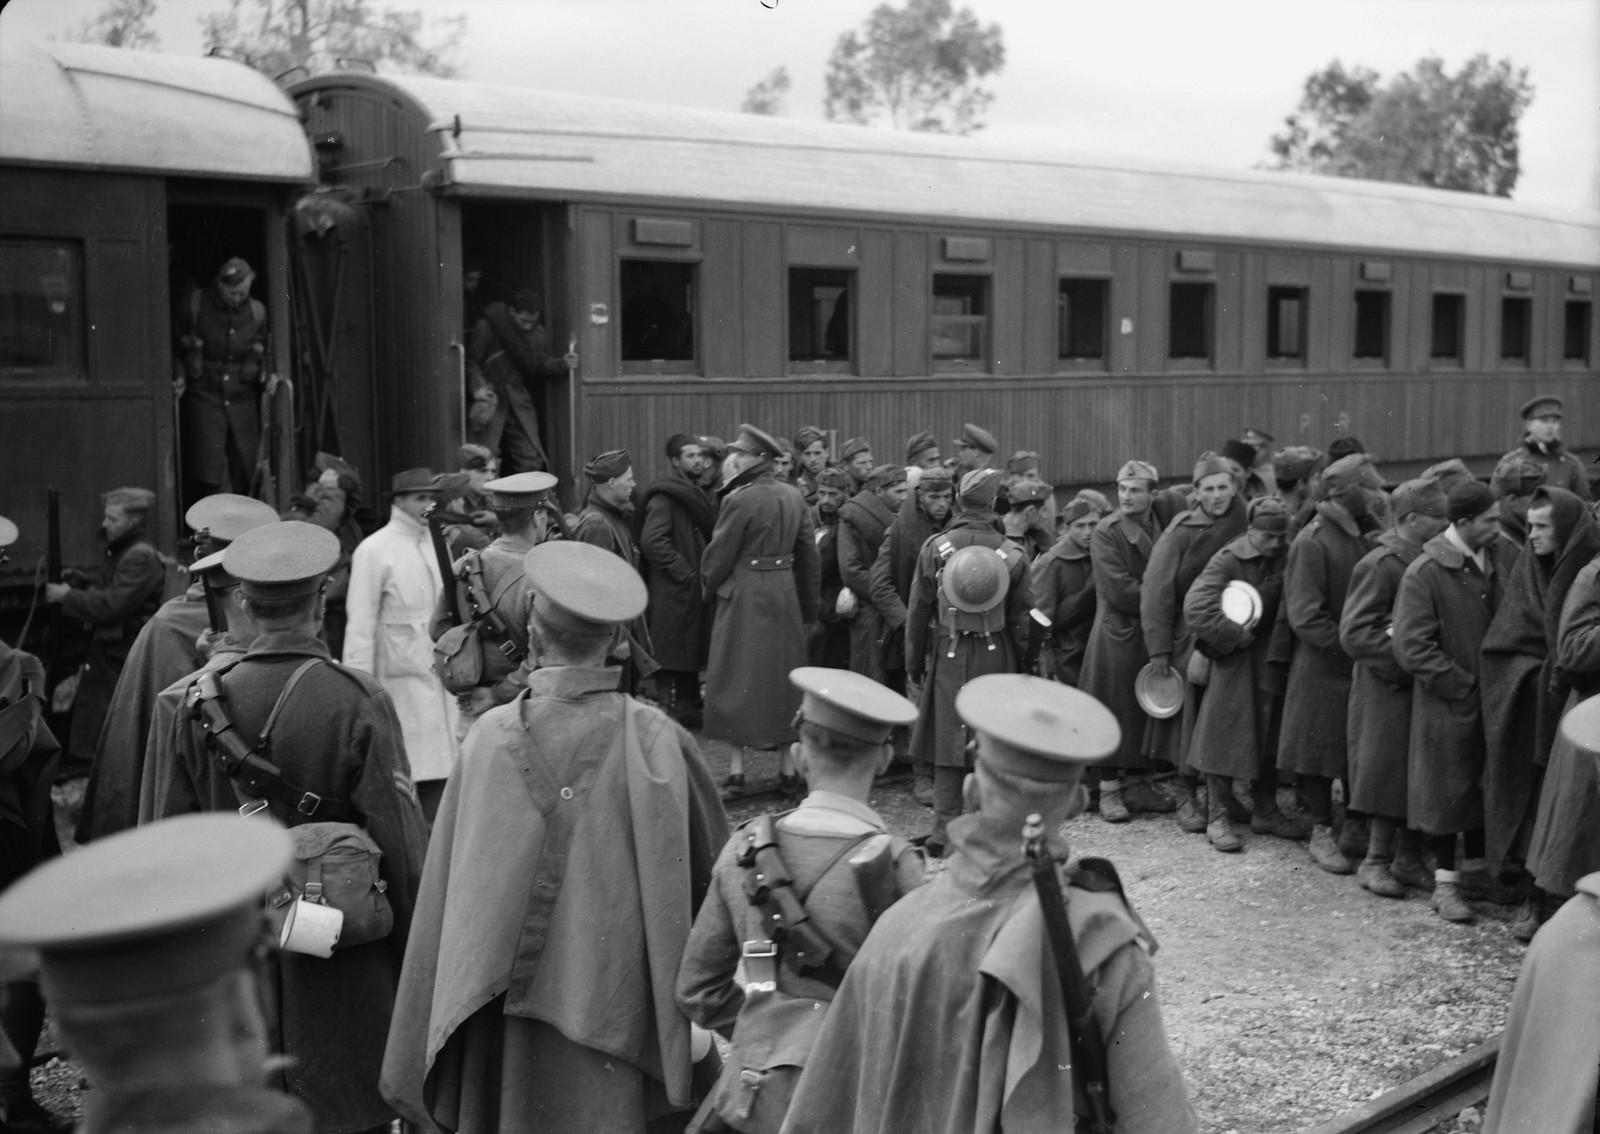 08. Итальянские пленные выходят из вагонов на станции Вади Сарар под конвоем новозеландских и британских солдат